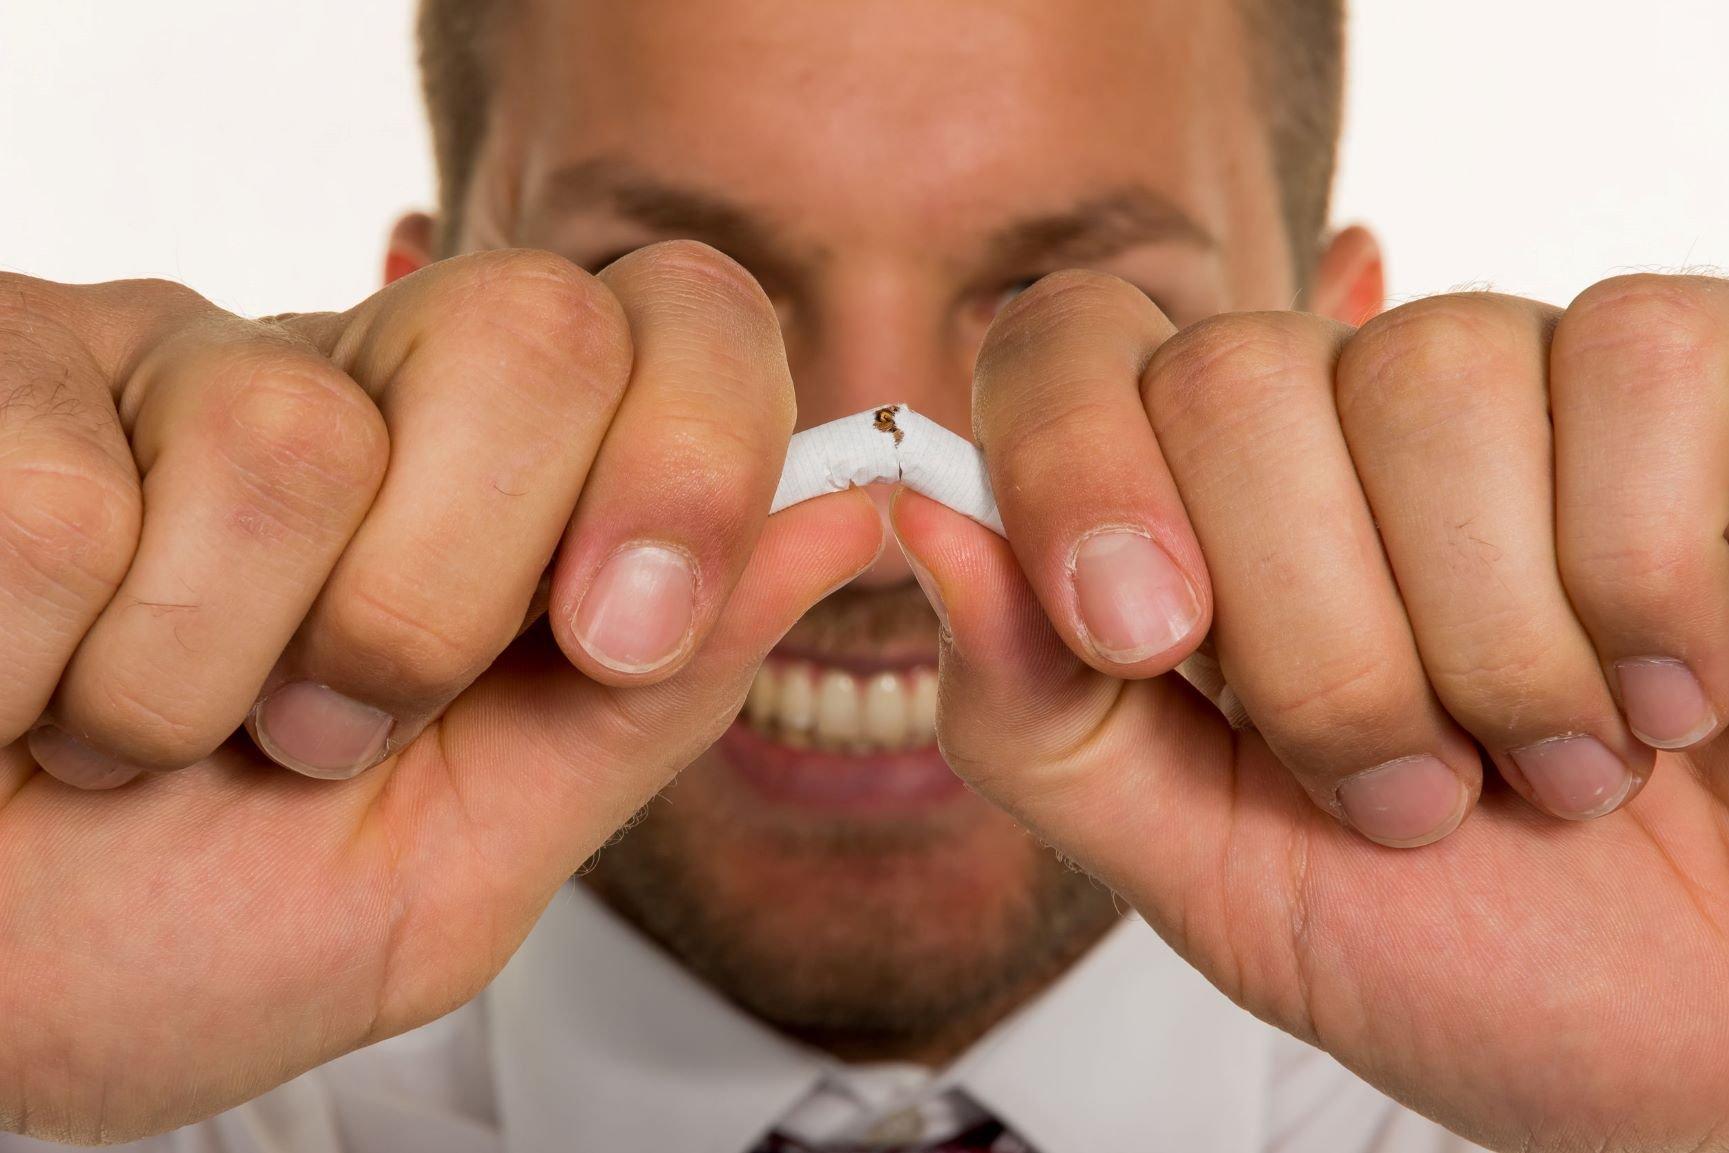 cukai rokok, penerimaan negara, industri rokok, sampoerna, djarum, gudang garam, defisit anggaran, pandemi corona, covid-19